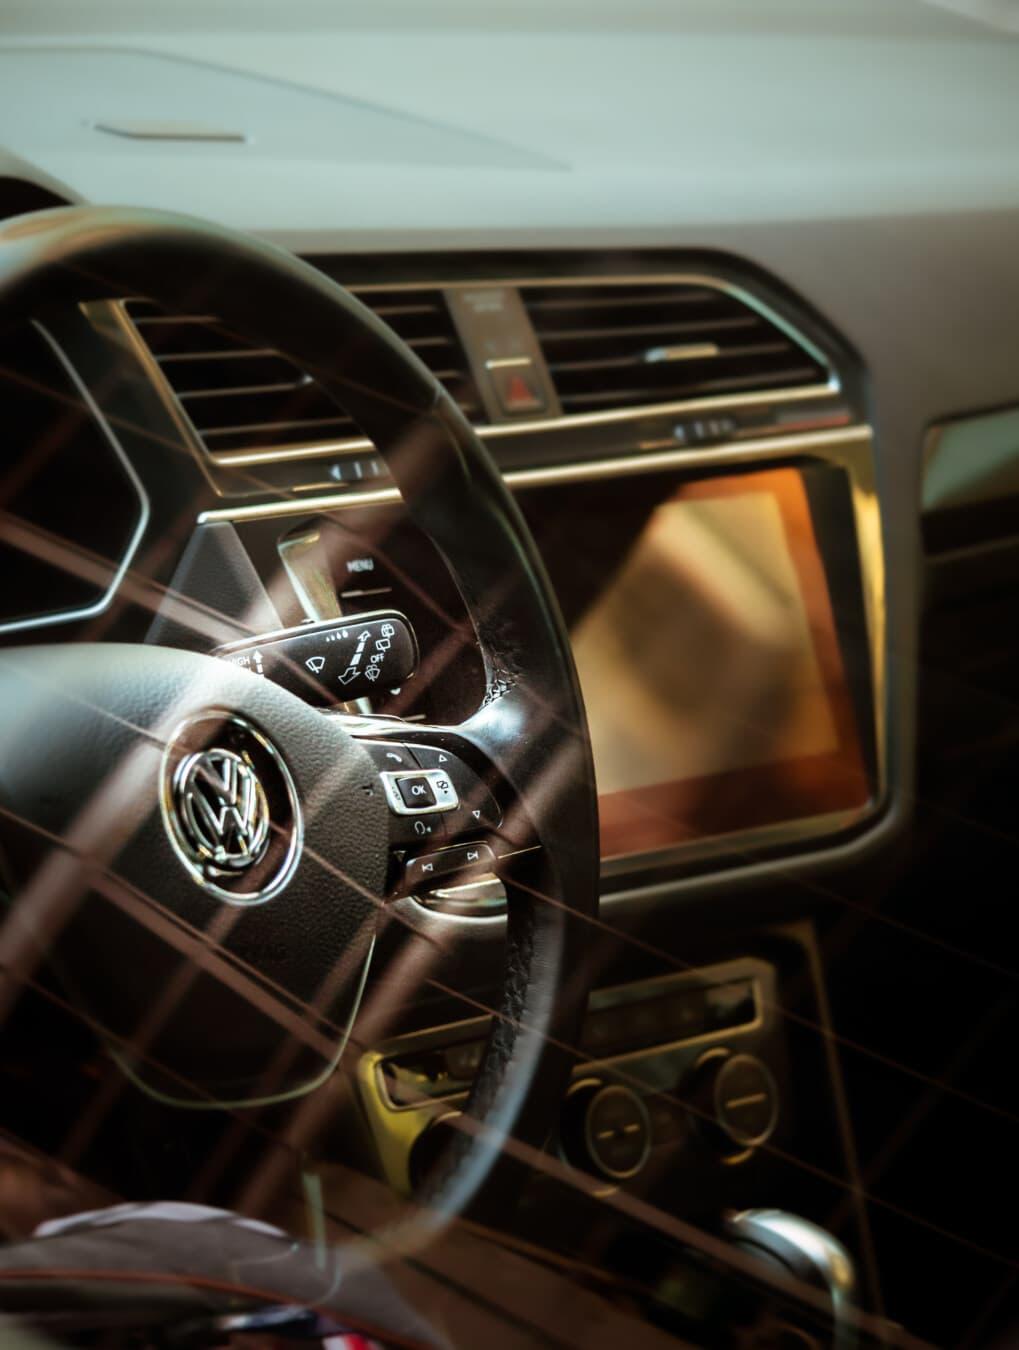 voiture, contrôle, tableau de bord, volant de direction, automobile, décoration d'intérieur, véhicule, automobile, en voiture, panneau de commande